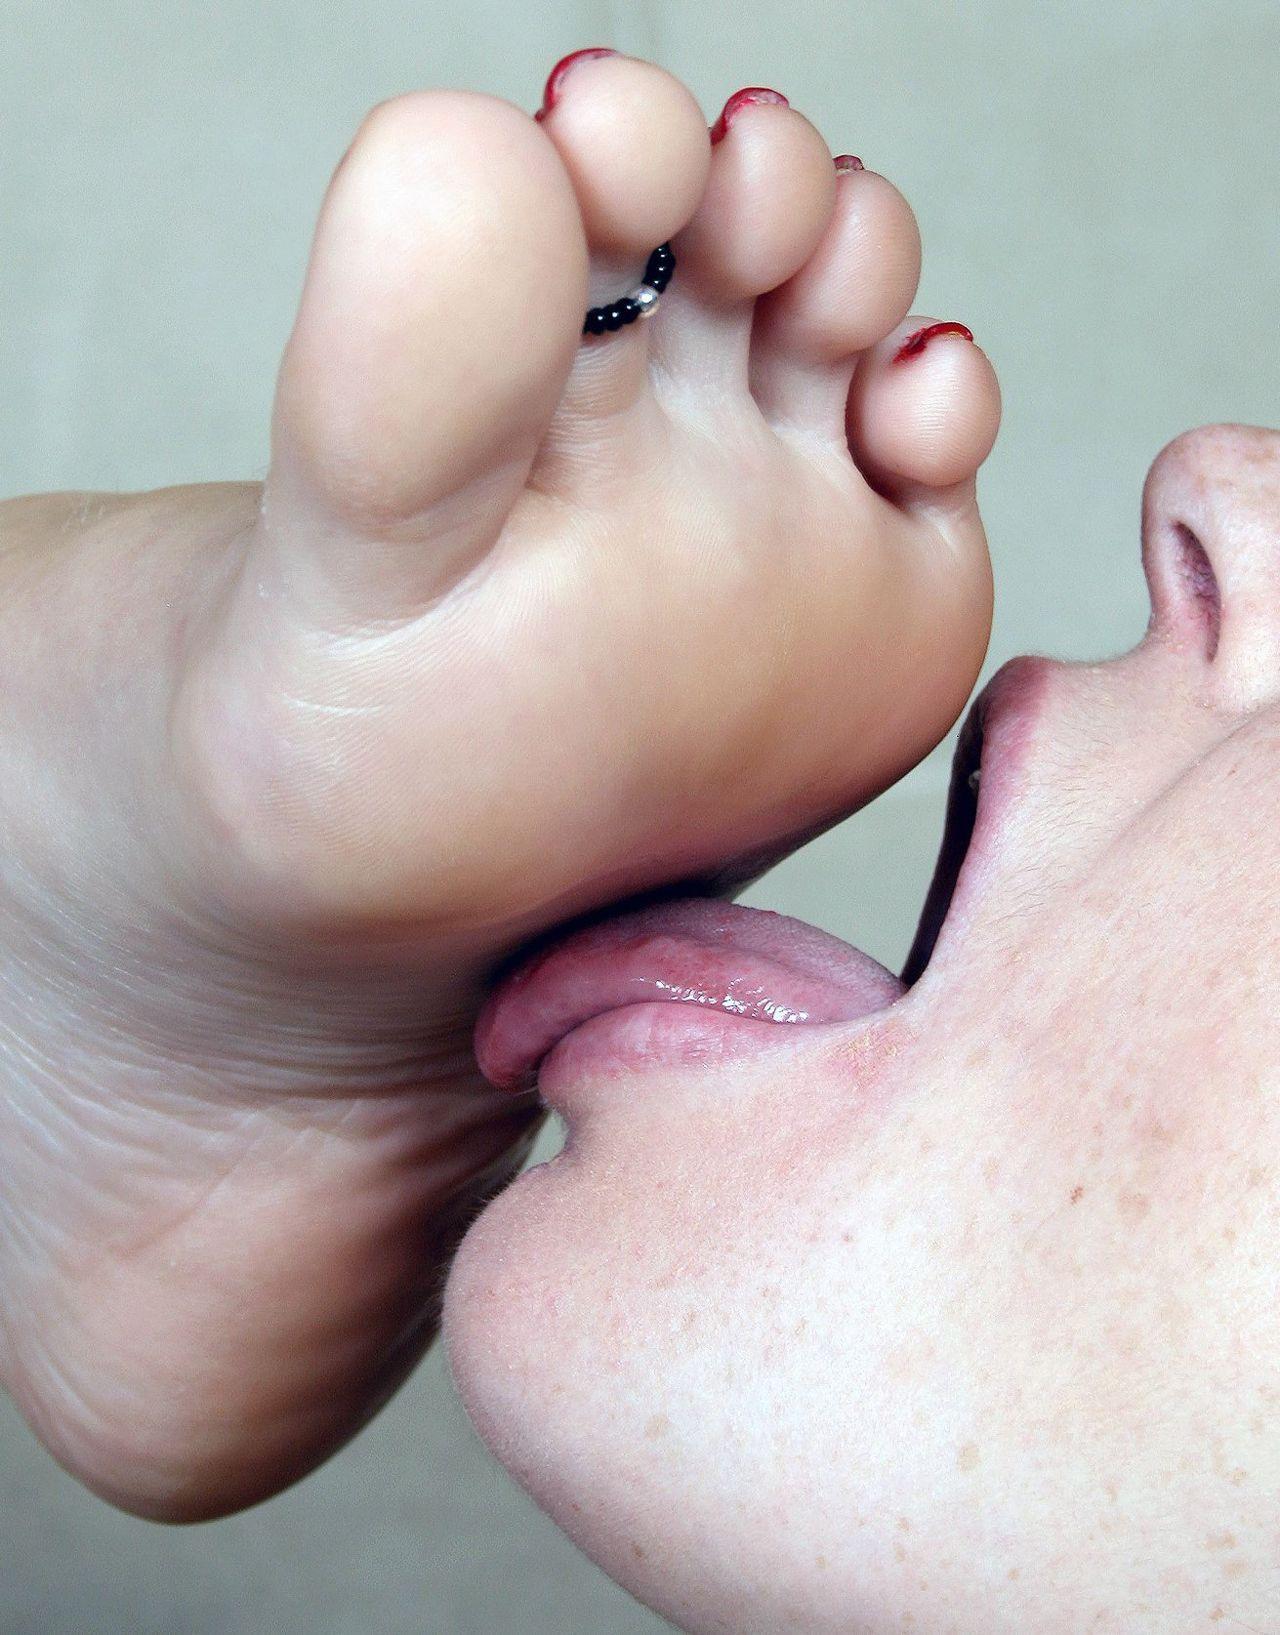 Фото целования женских пальчиков ног